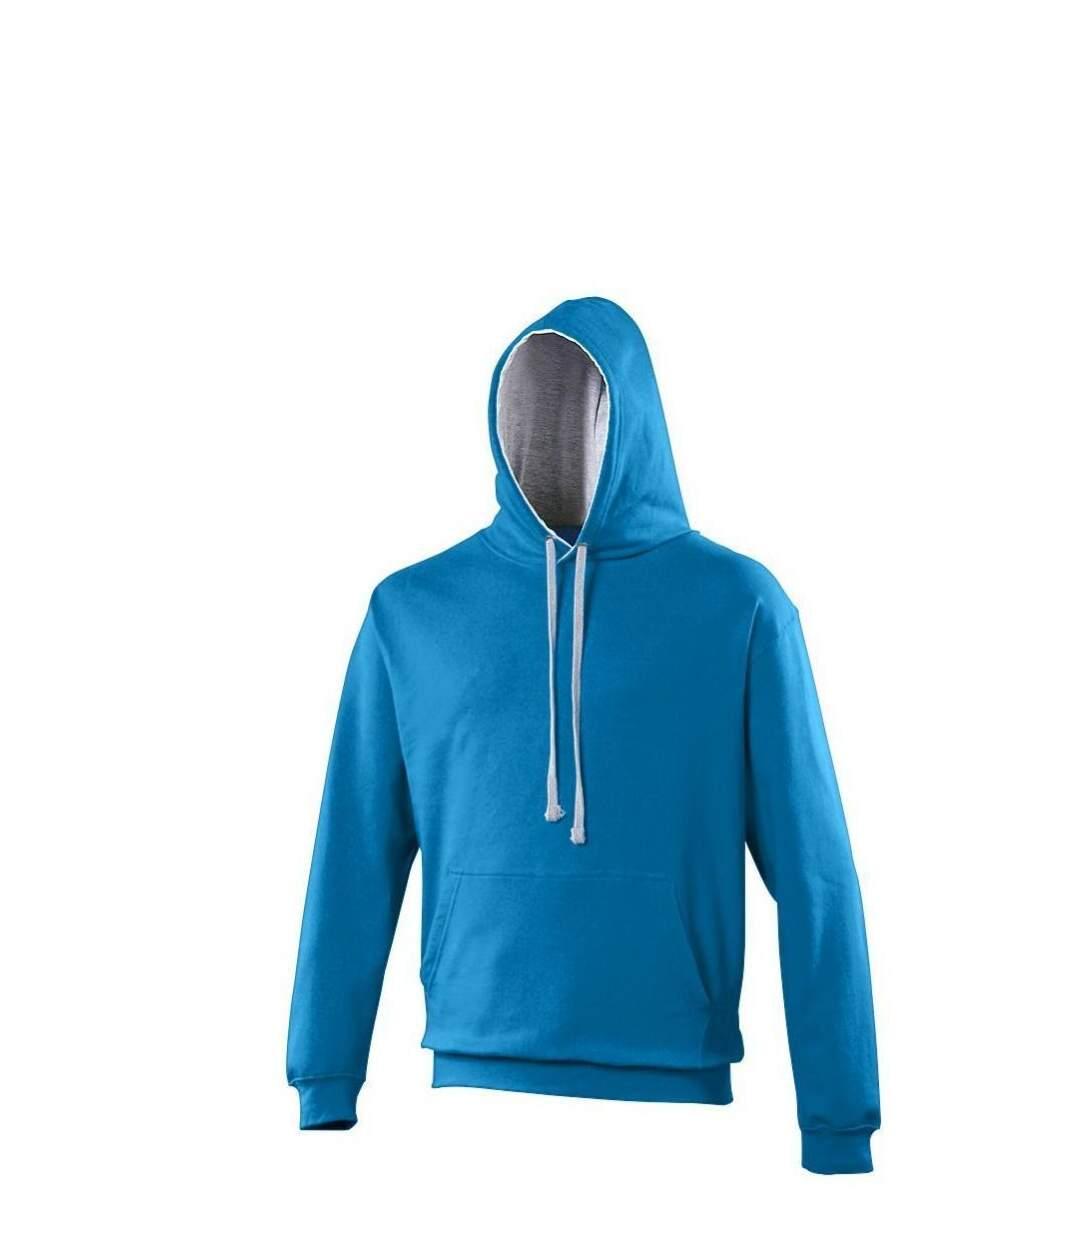 Sweat à capuche contrastée unisexe - JH003 - bleu roi et gris